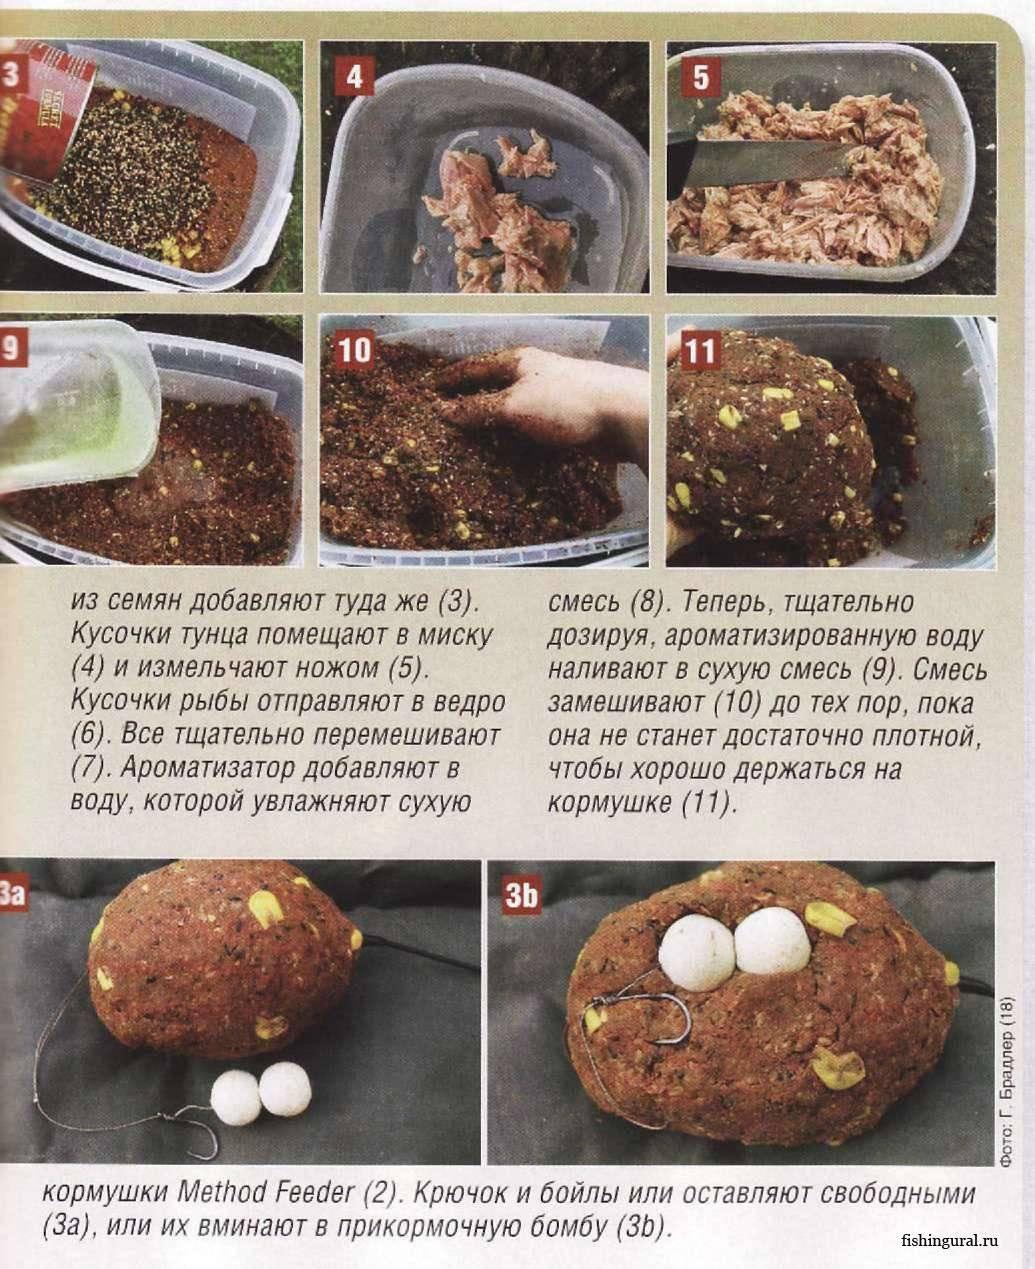 Прикормка для леща: выбор компонентов и лучшие рецепты